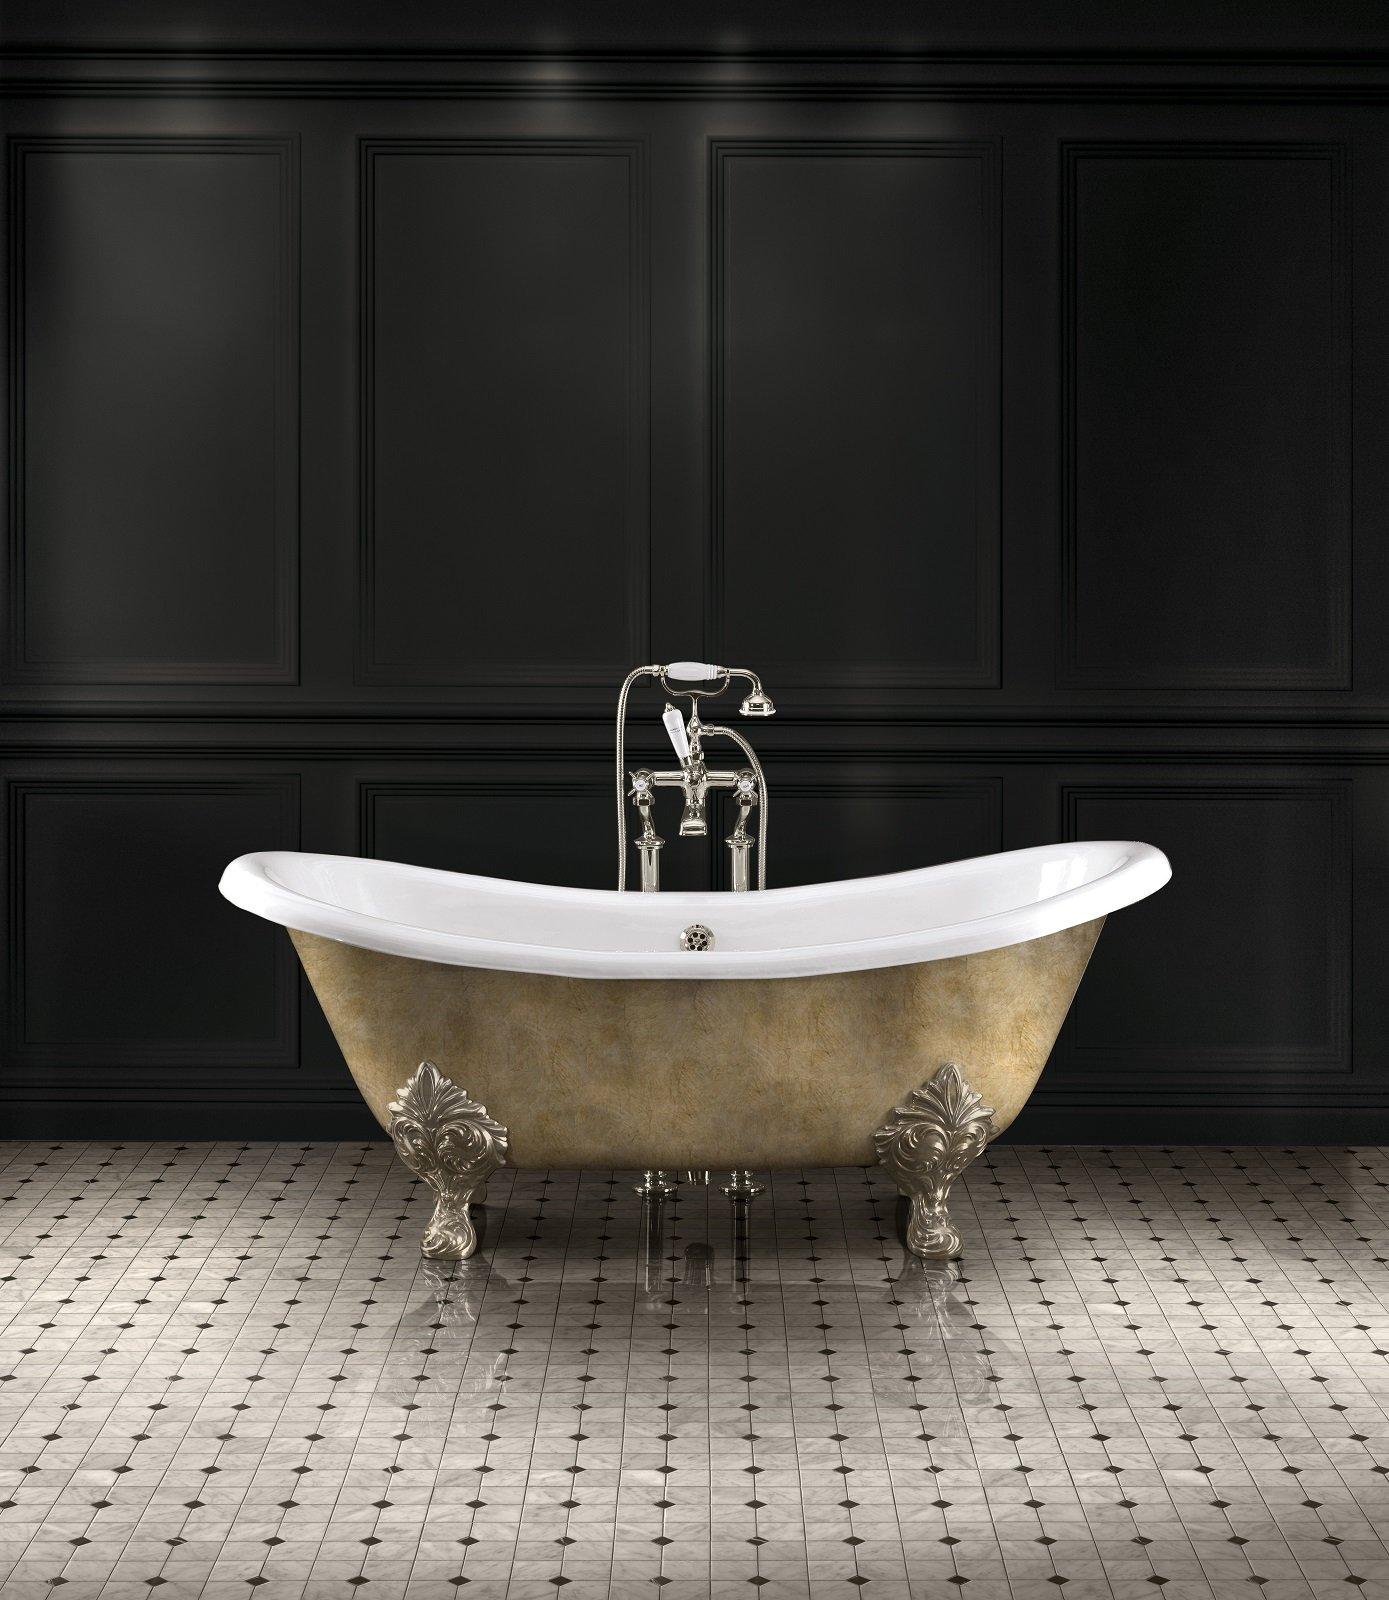 Vasche piccole dalle dimensioni compatte e svariate misure - Vasche da bagno esterne ...